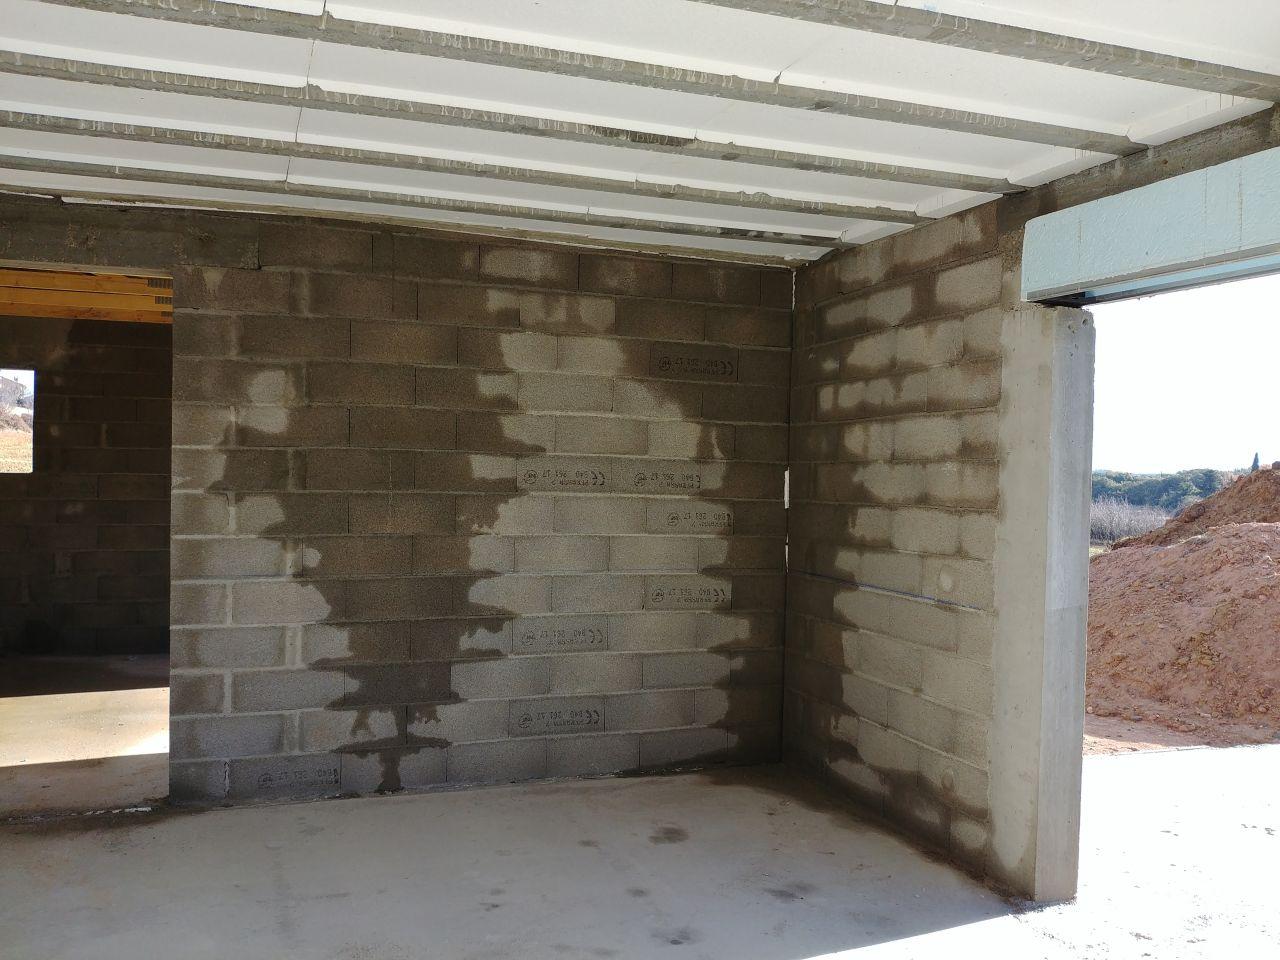 Infiltrations dans les murs, l'enduit n'étant pas encore réalisé